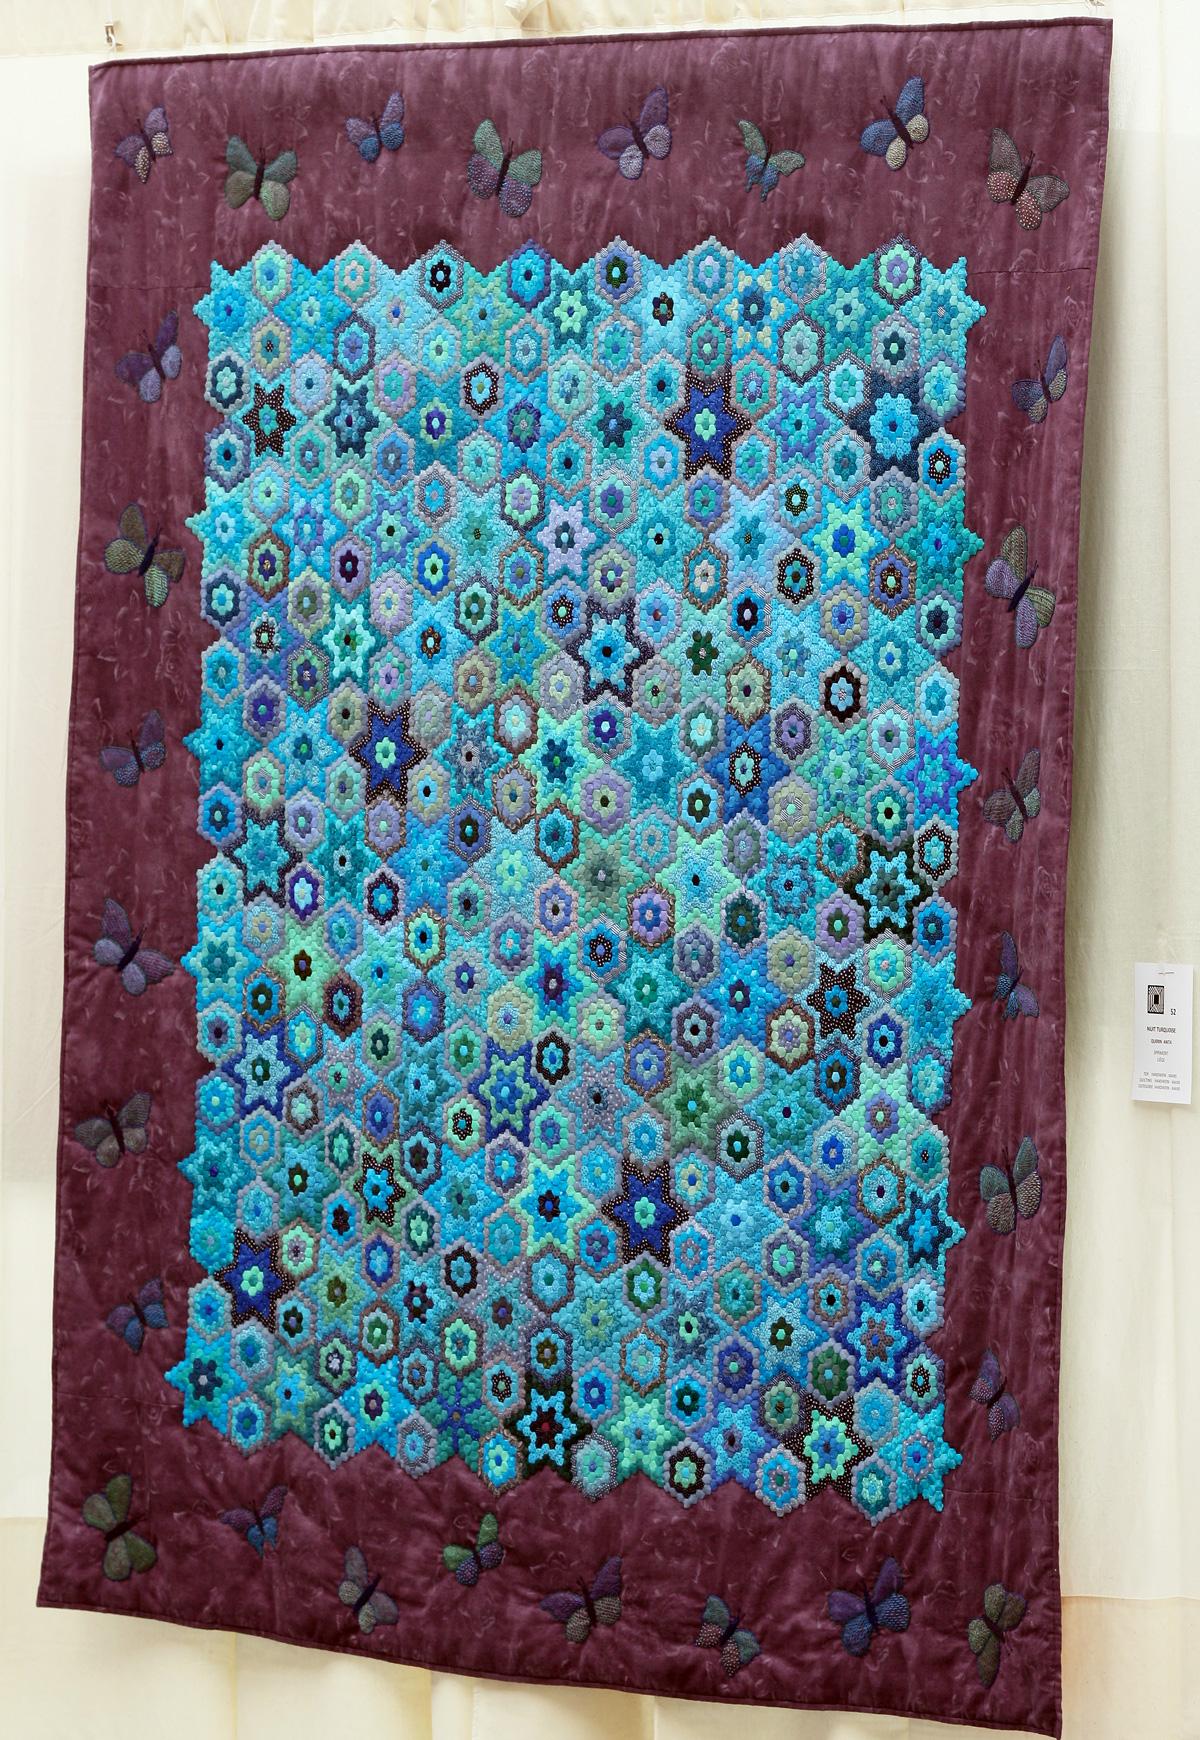 Anita Querin - Nuit Turquoise